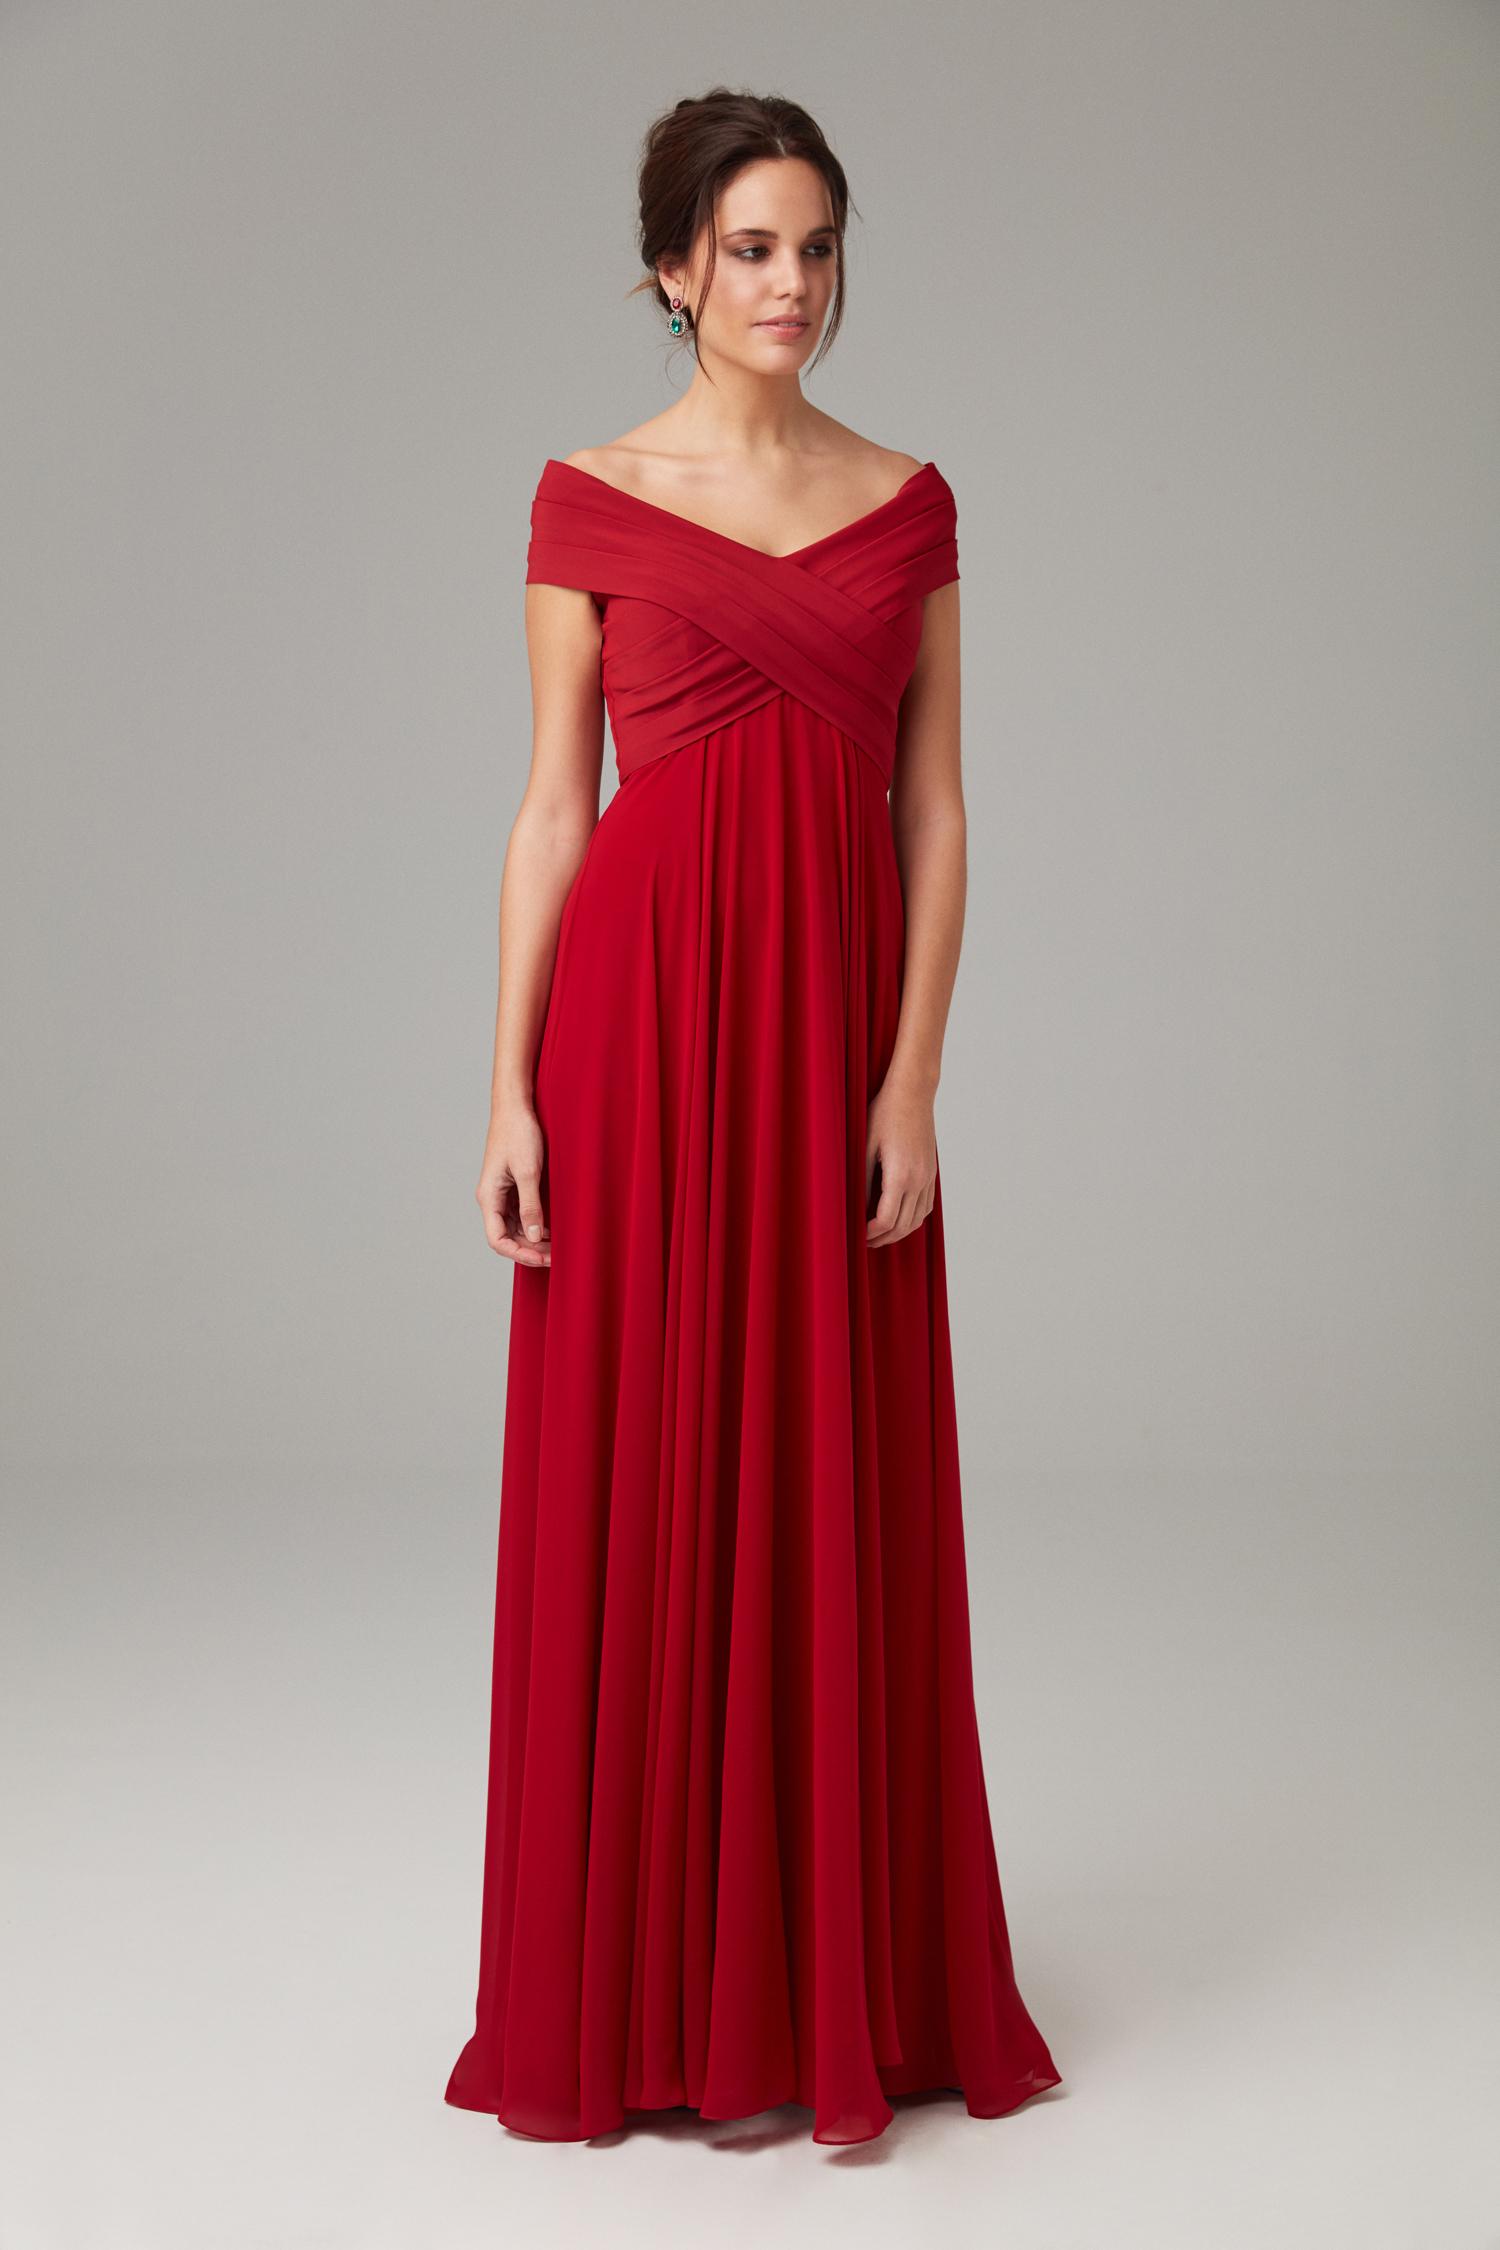 Kırmızı Kayık Yaka Şifon Uzun Büyük Beden Abiye Elbise - Thumbnail